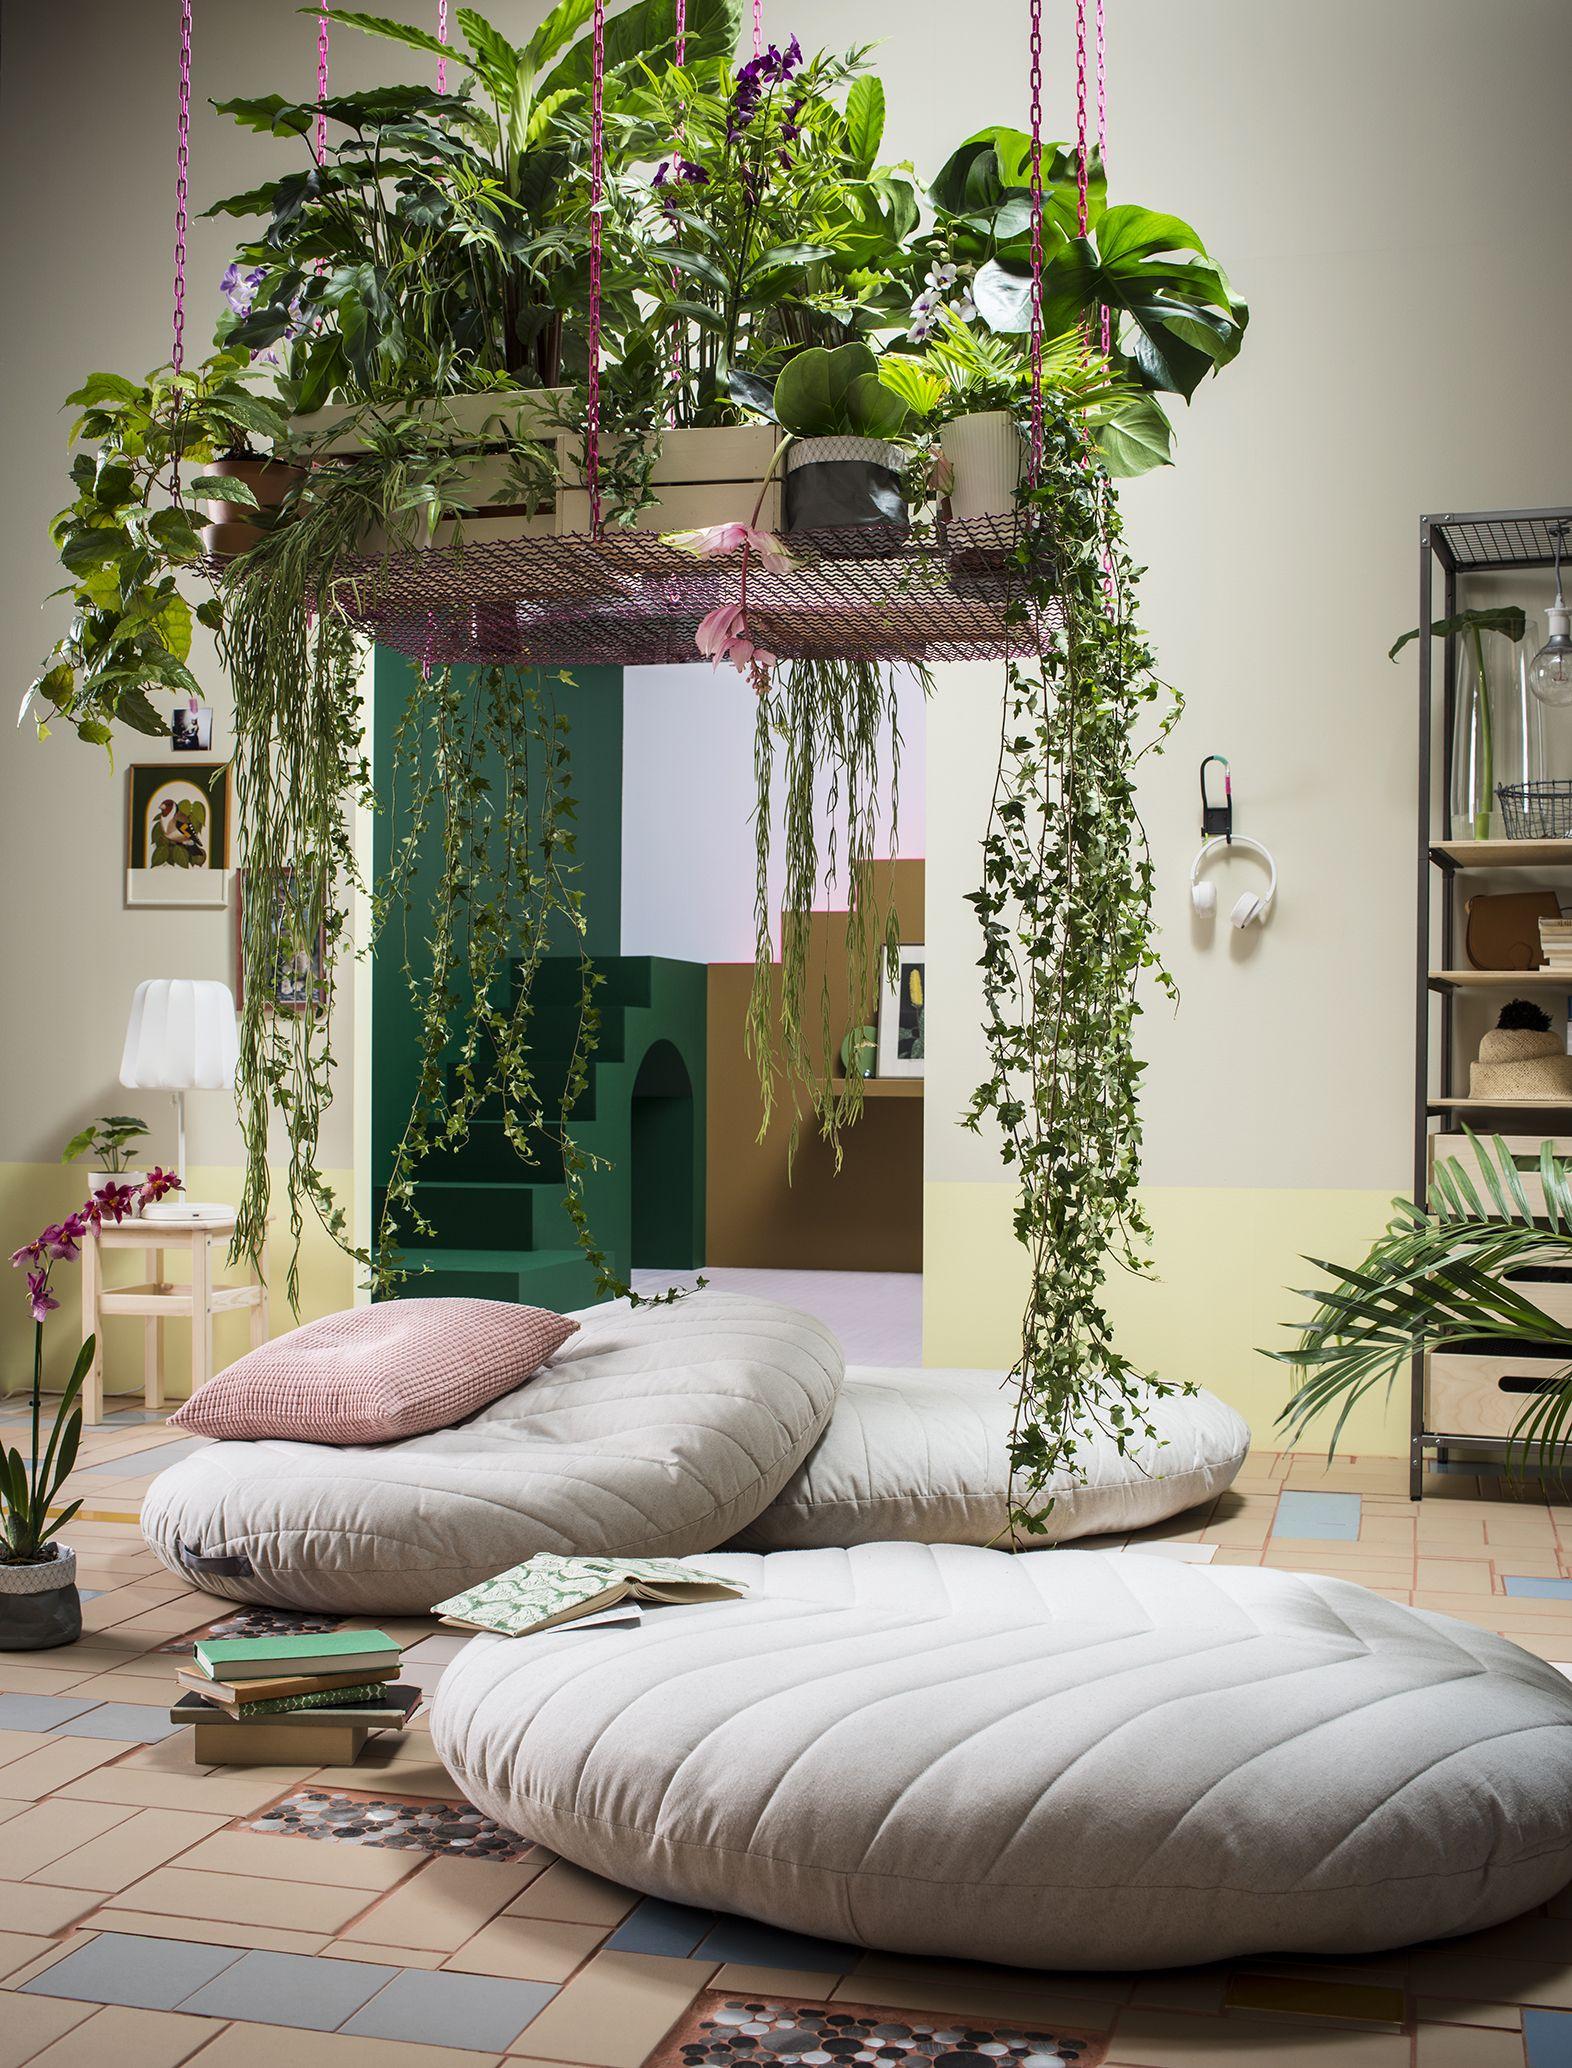 ikea nattjasmin sengesæt   nyheder fra ikea   pinterest   textiles ... - Bunte Bettwasche Und Kissen Schlafzimmer Auffrischen